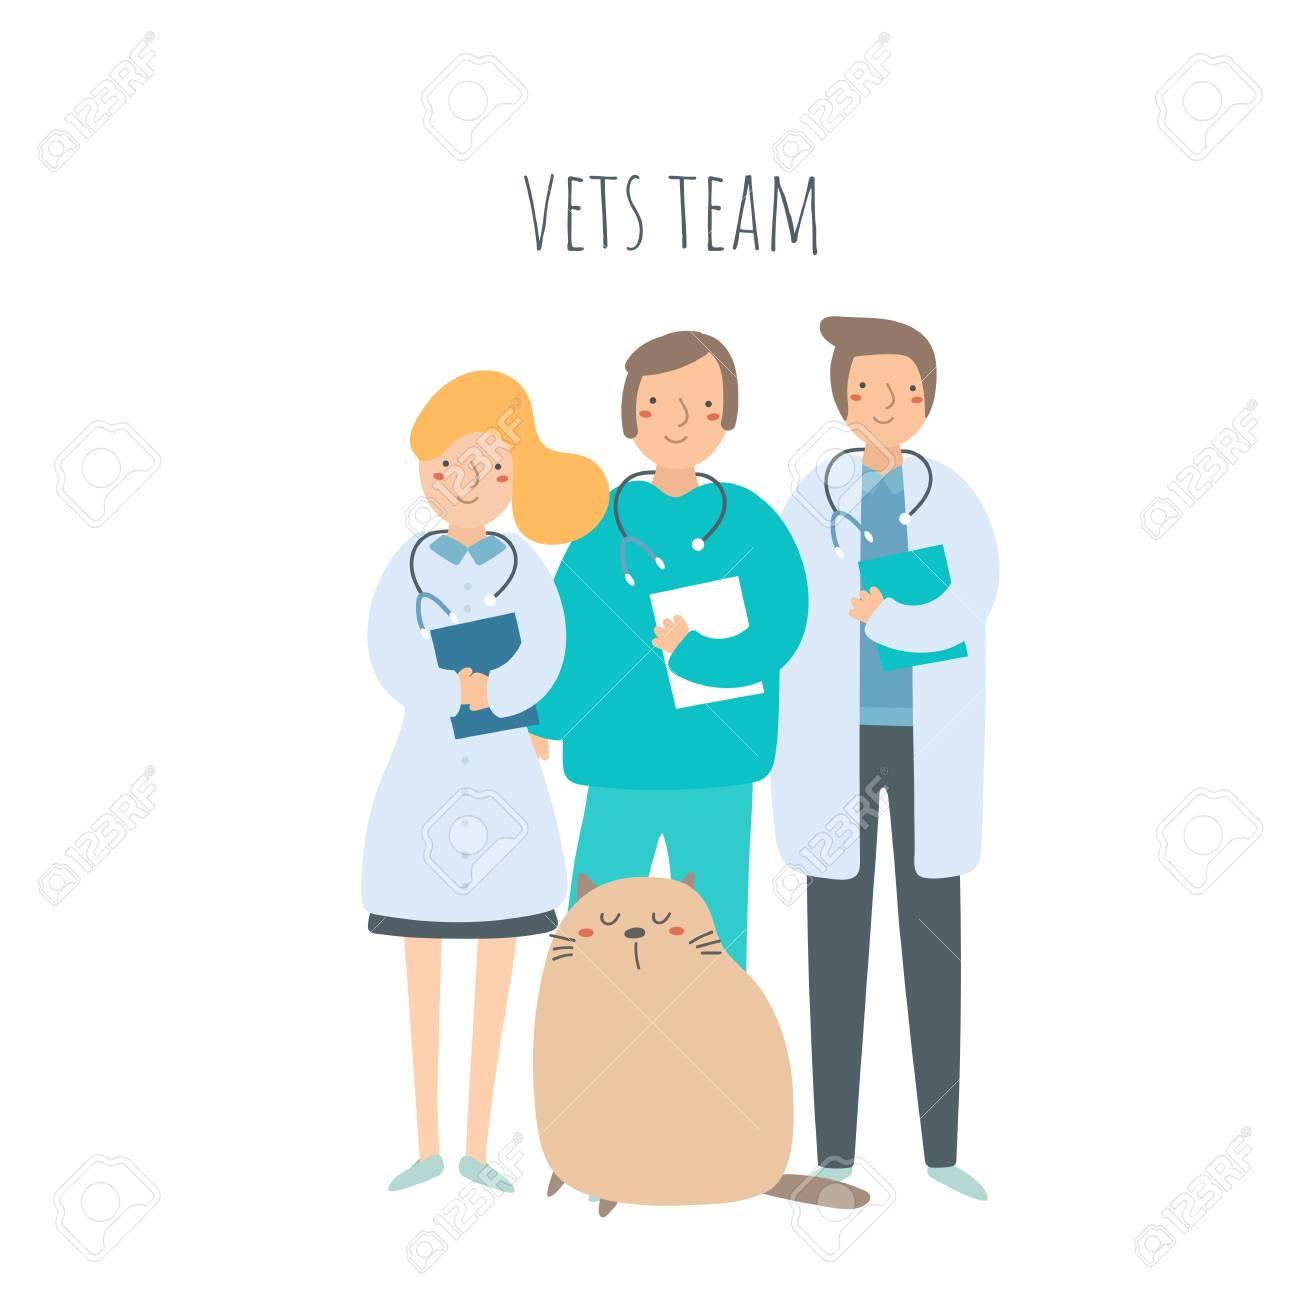 Veterinarian team with cat. Pet doctors set - 119106855